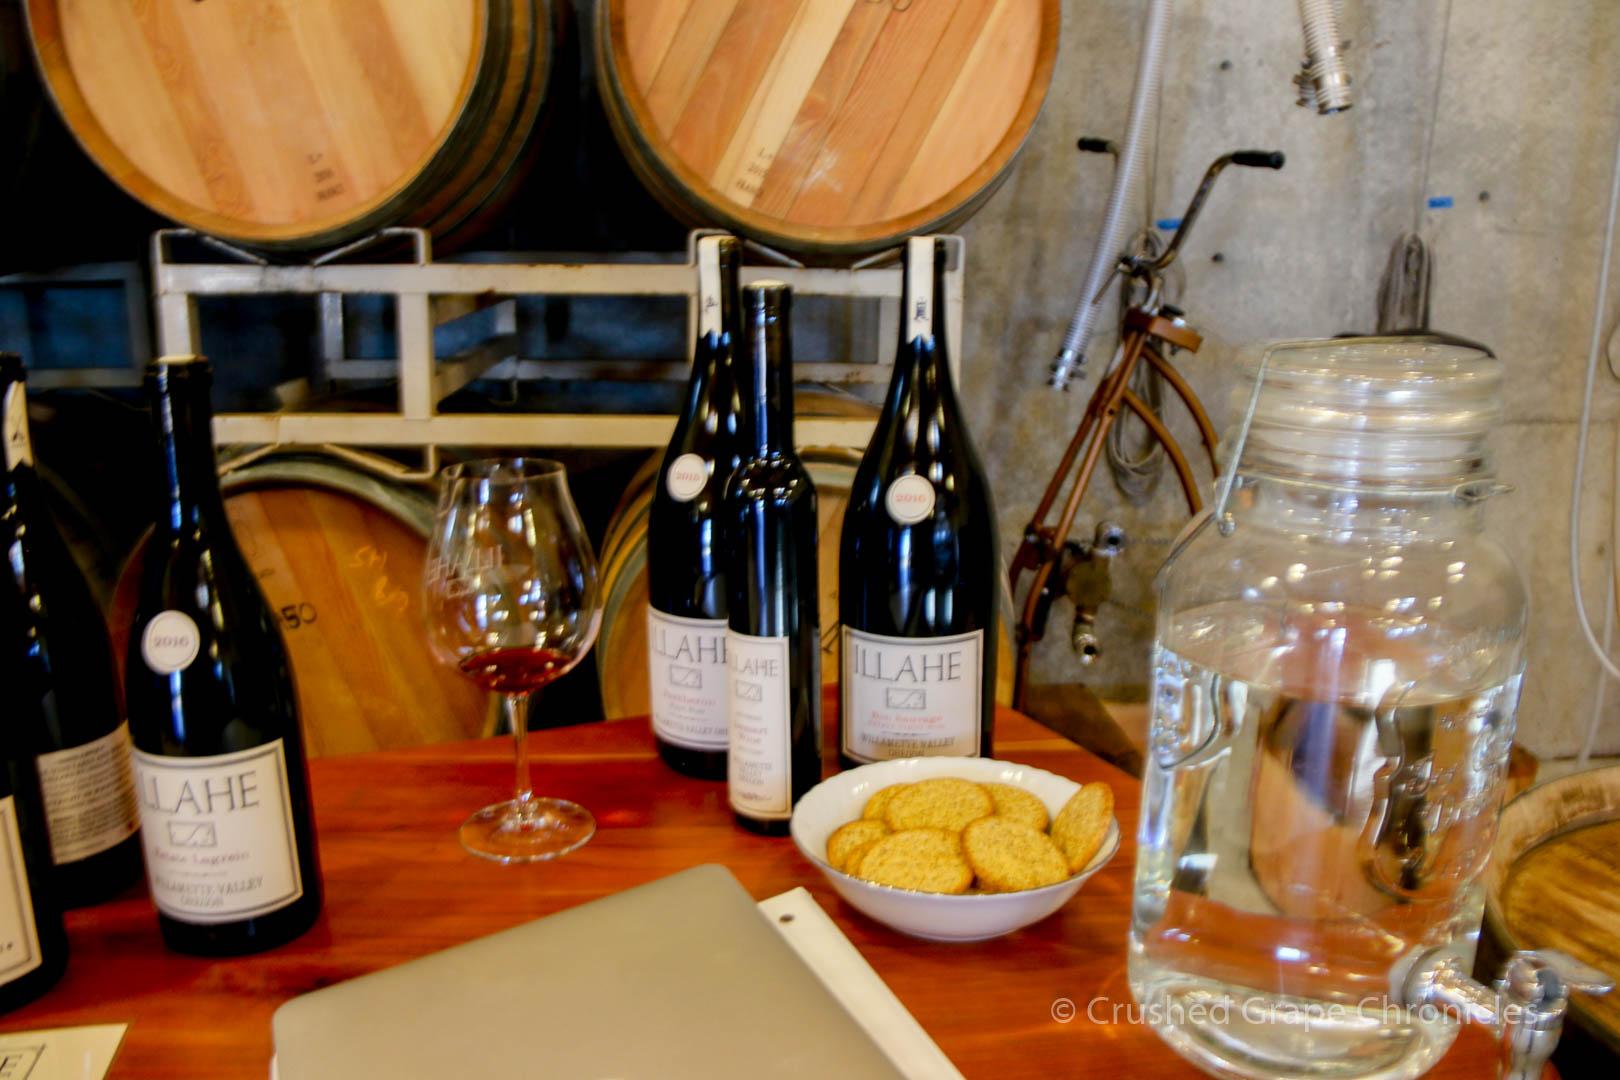 Illahe Vineyard Tasting room